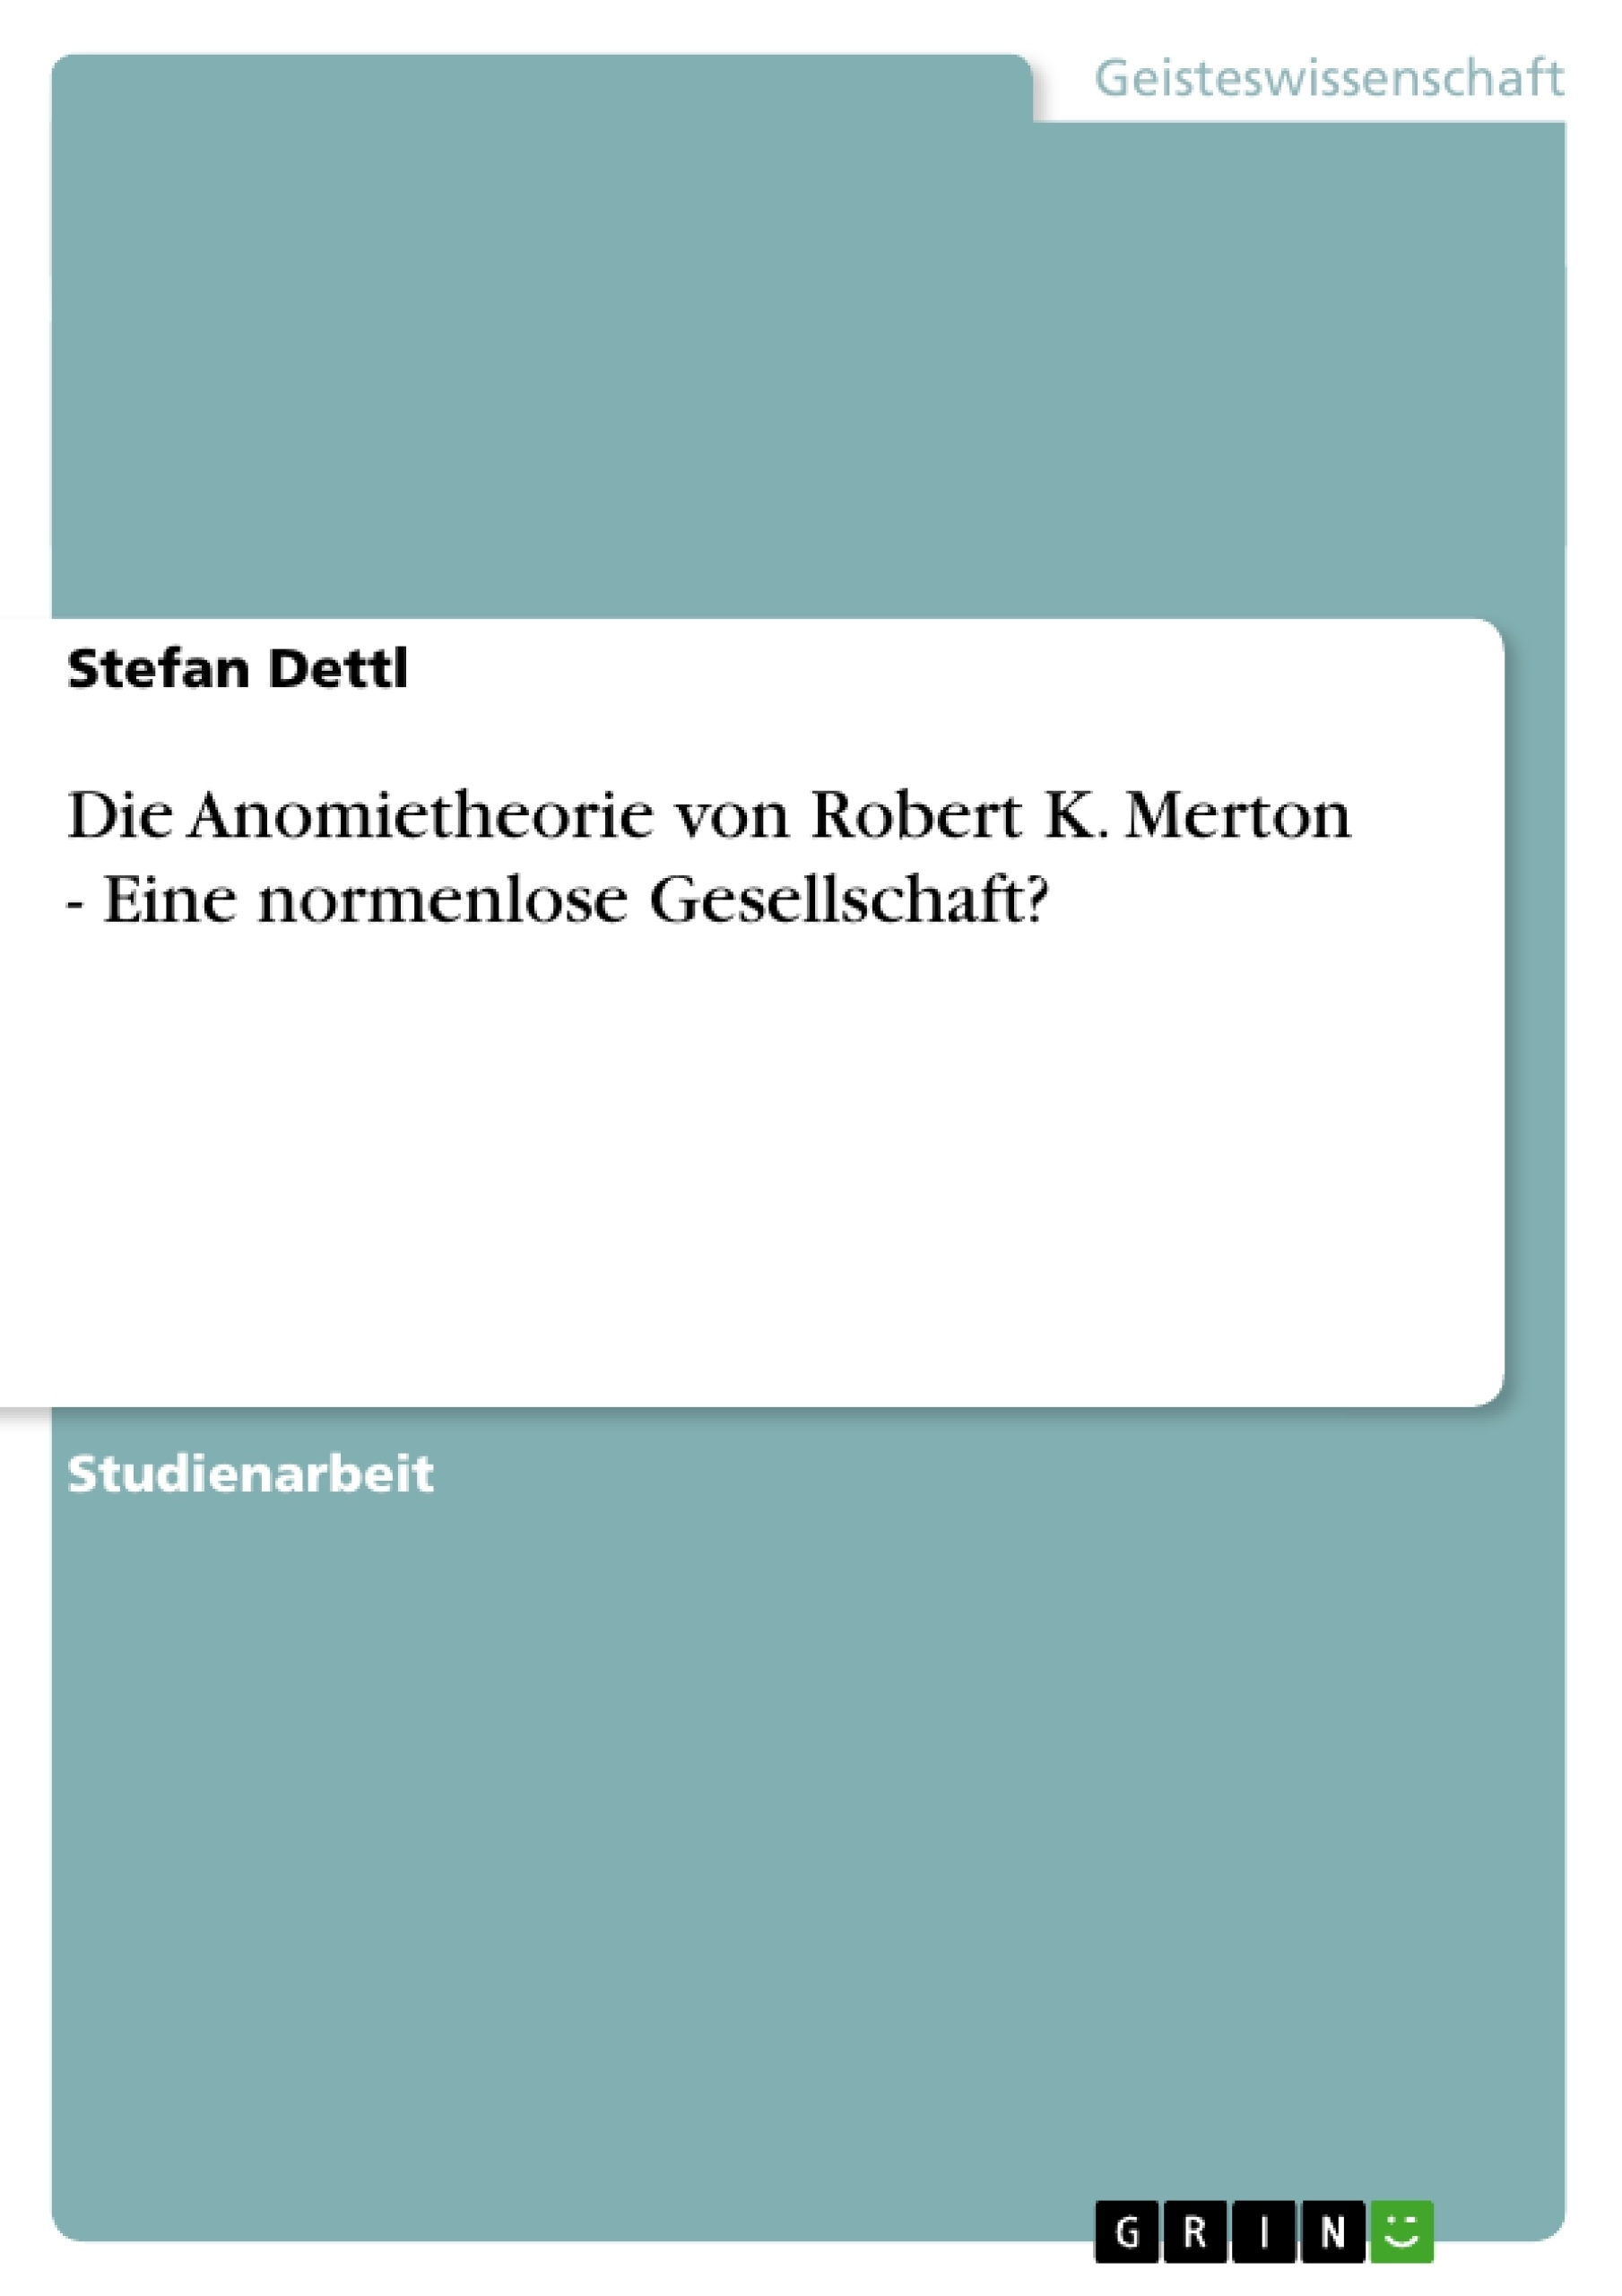 Titel: Die Anomietheorie von Robert K. Merton - Eine normenlose Gesellschaft?